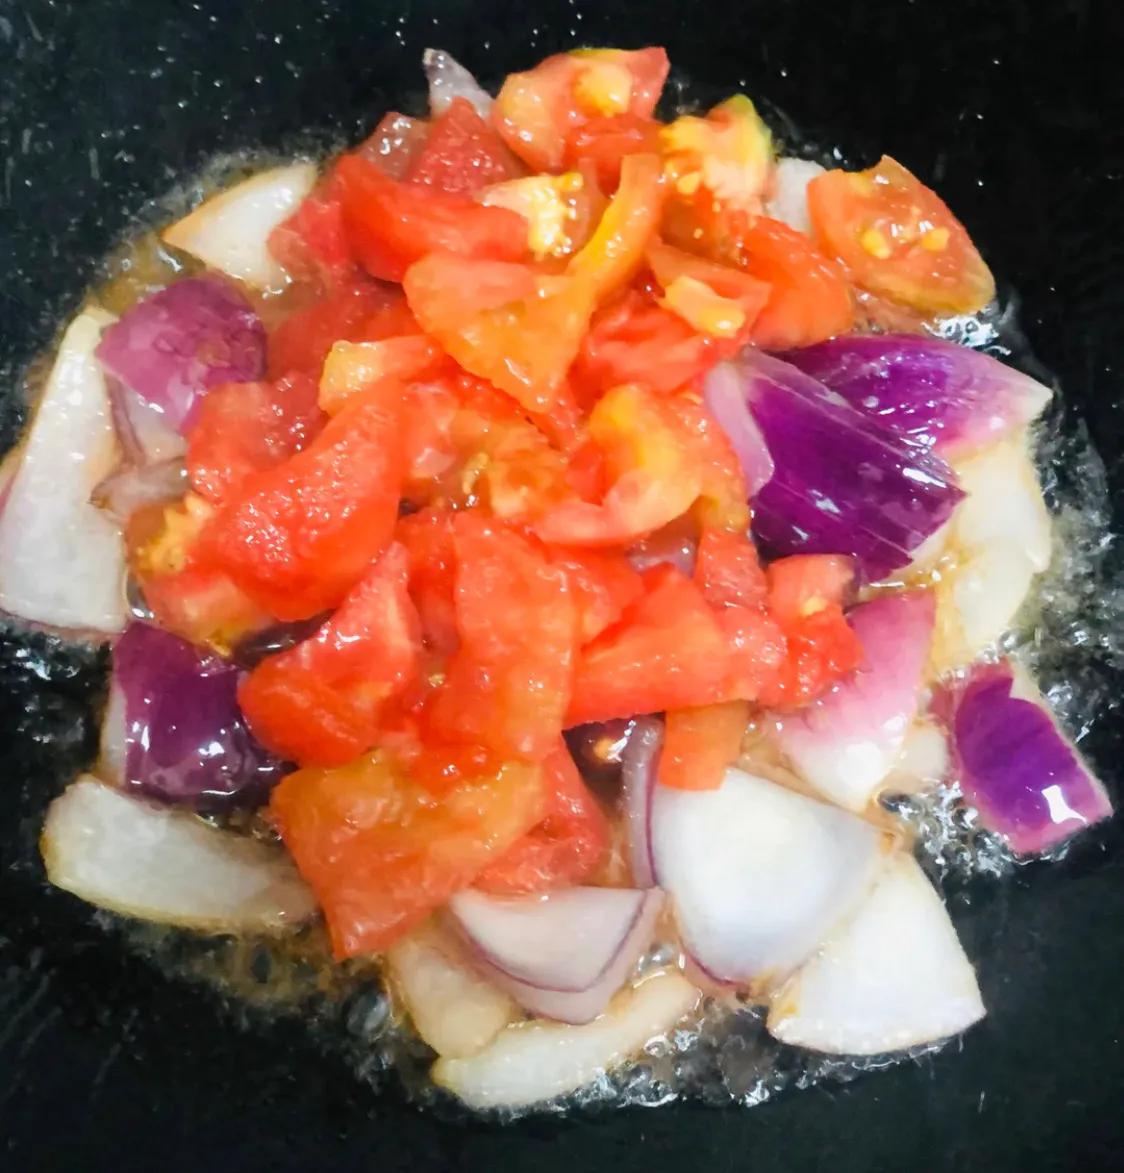 超详细的土豆炖牛肉,学起来吧 美食做法 第7张